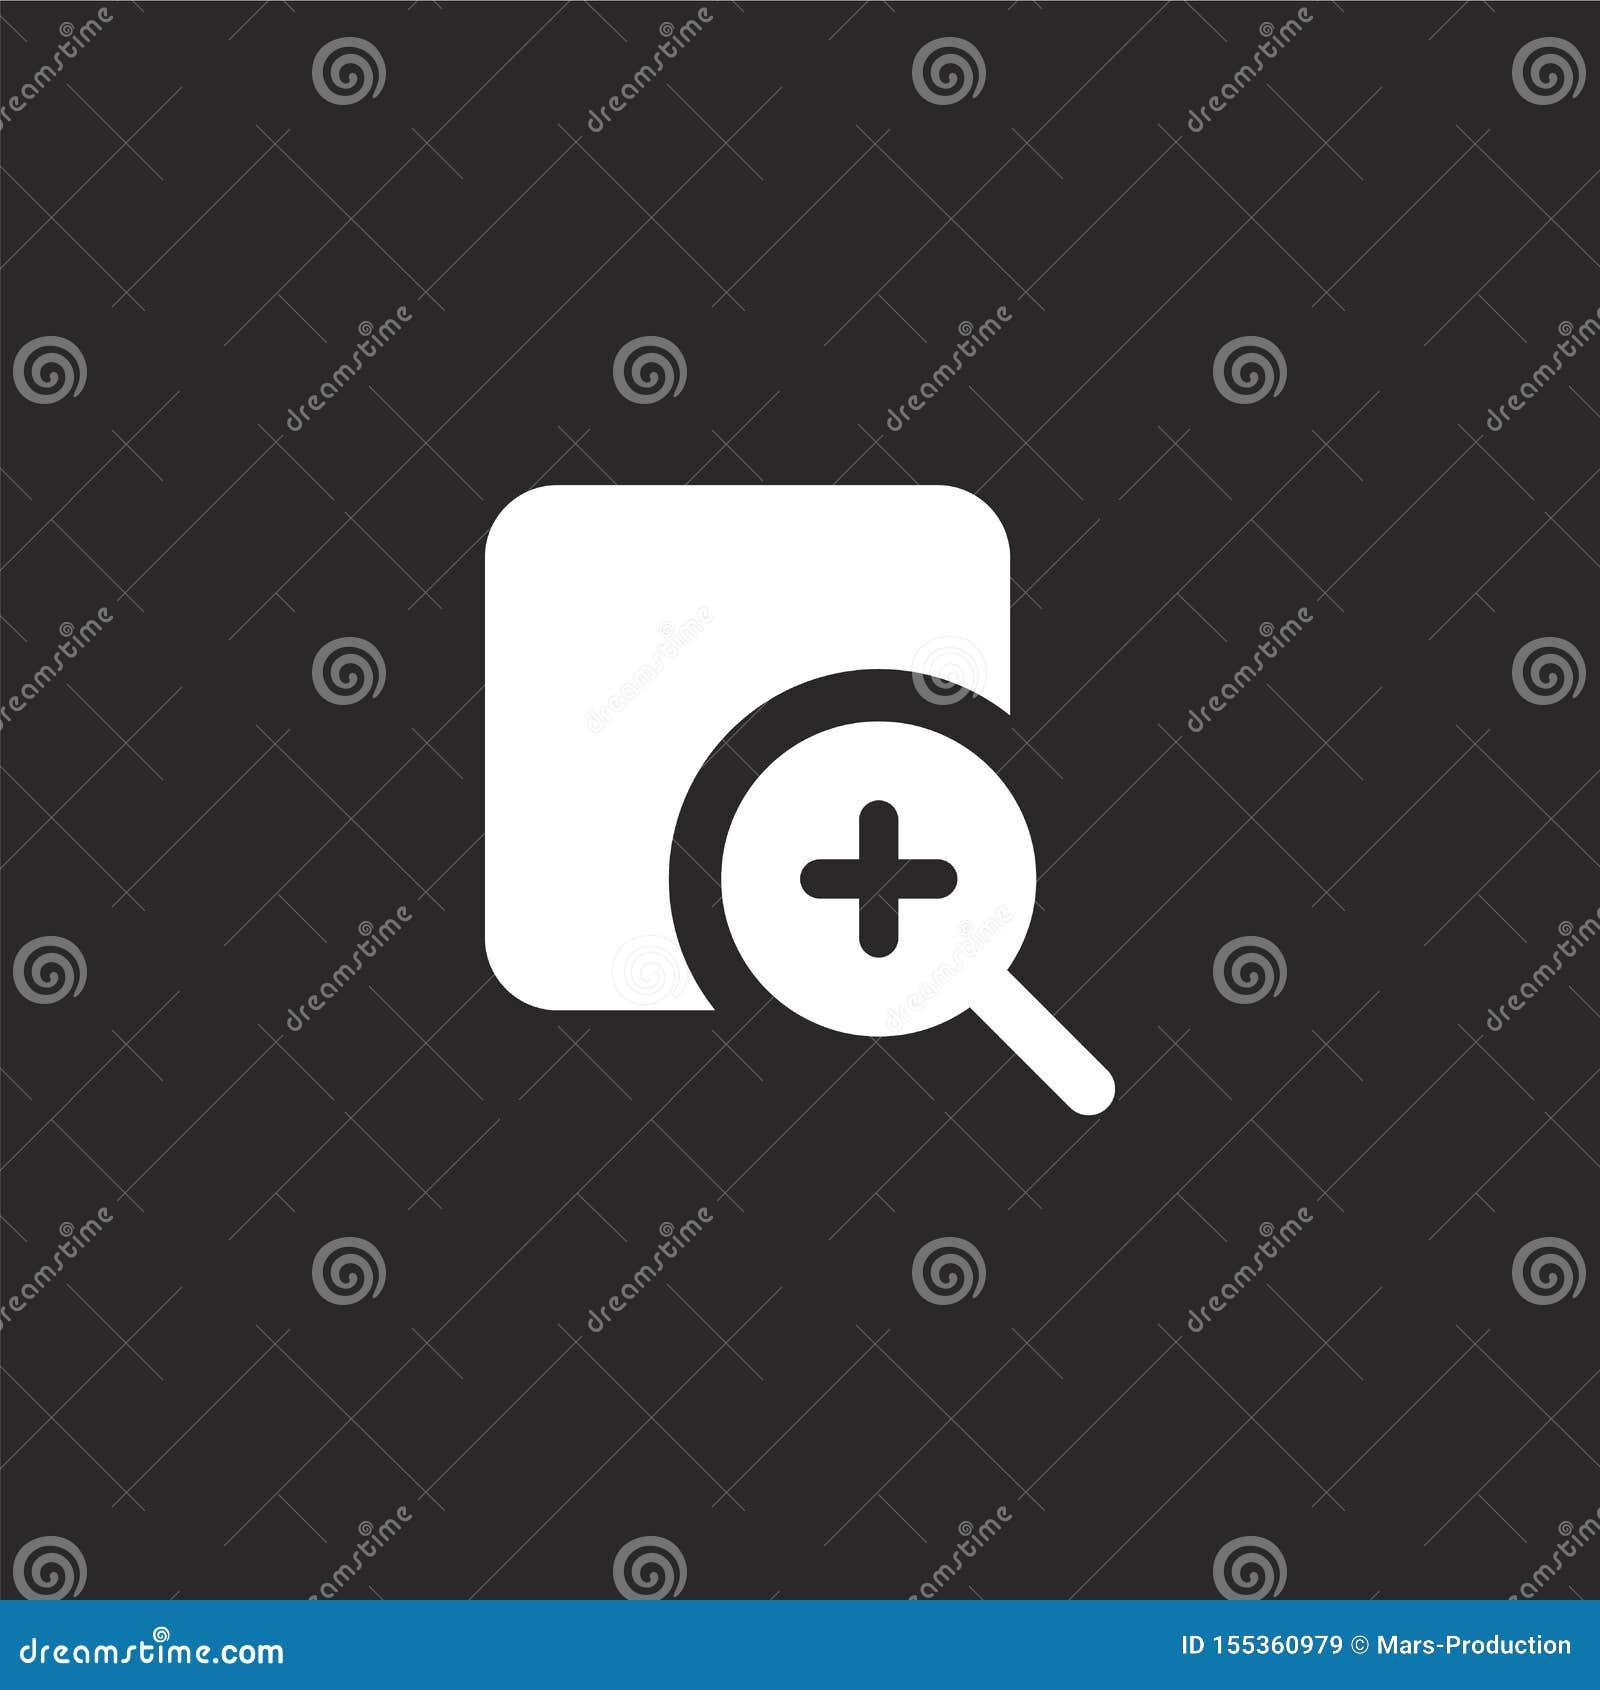 προσθέστε το εικονίδιο Γεμισμένος προσθέστε το εικονίδιο για το σχέδιο ιστοχώρου και κινητός, app ανάπτυξη προσθέστε το εικονίδιο